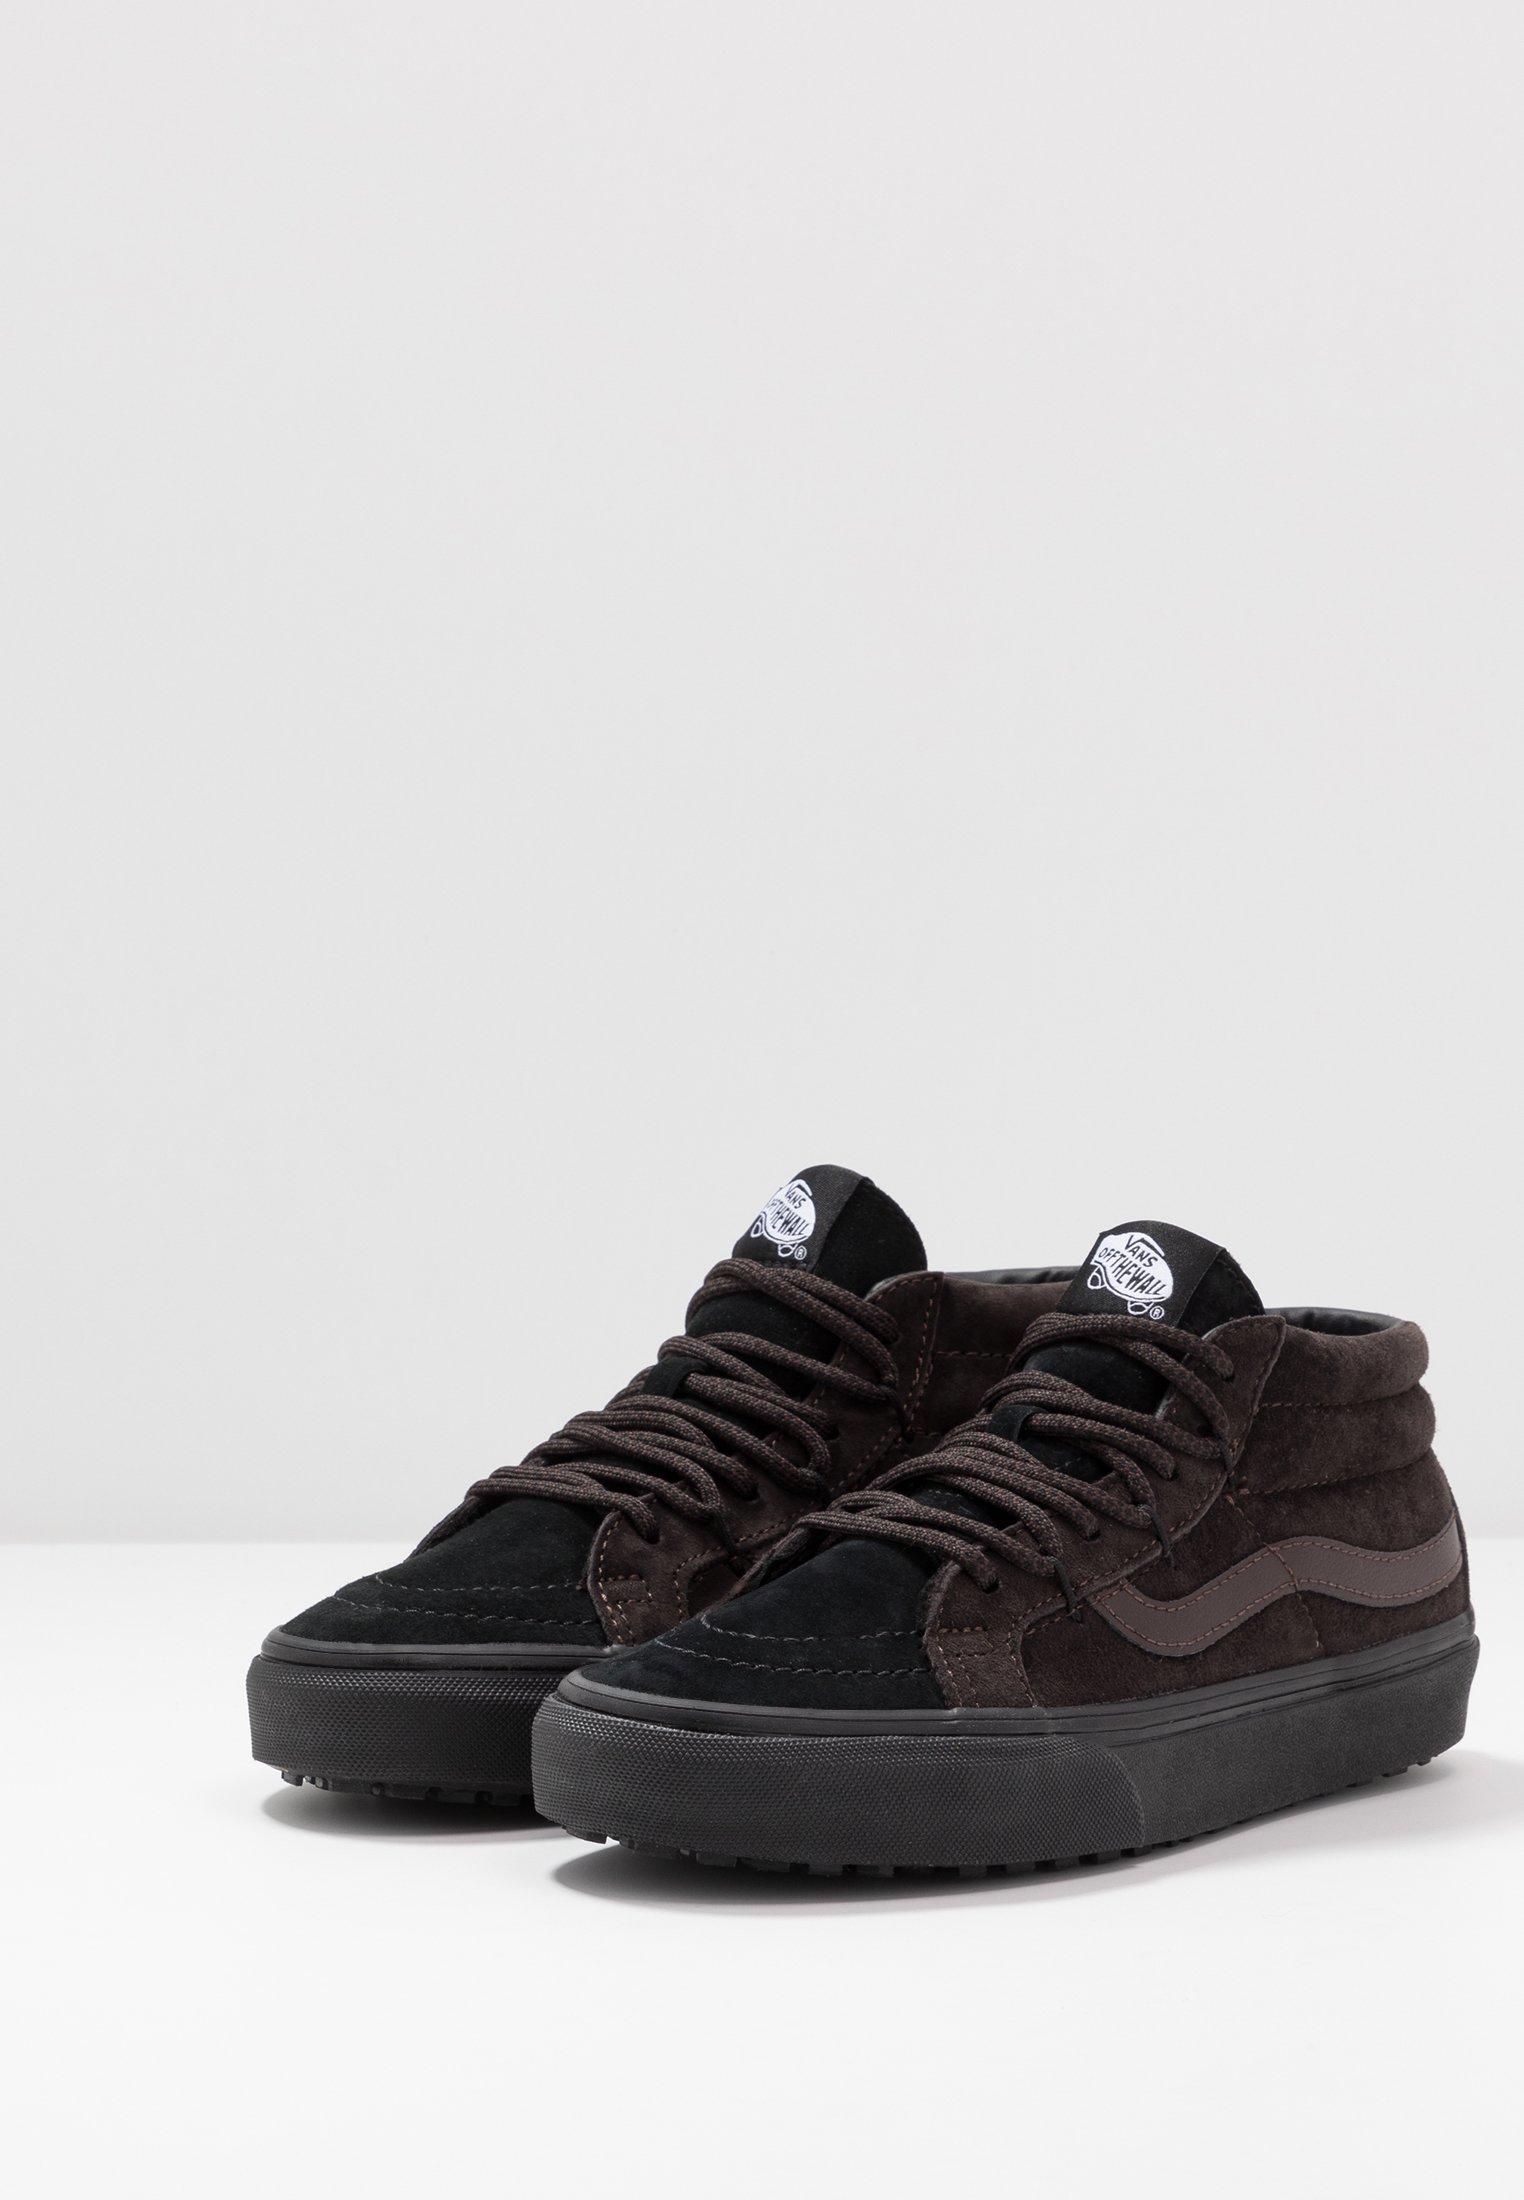 Torte black Alte Reissue Chocolate Mid Vans MteSneakers Ghillie Sk8 0k8wnPO